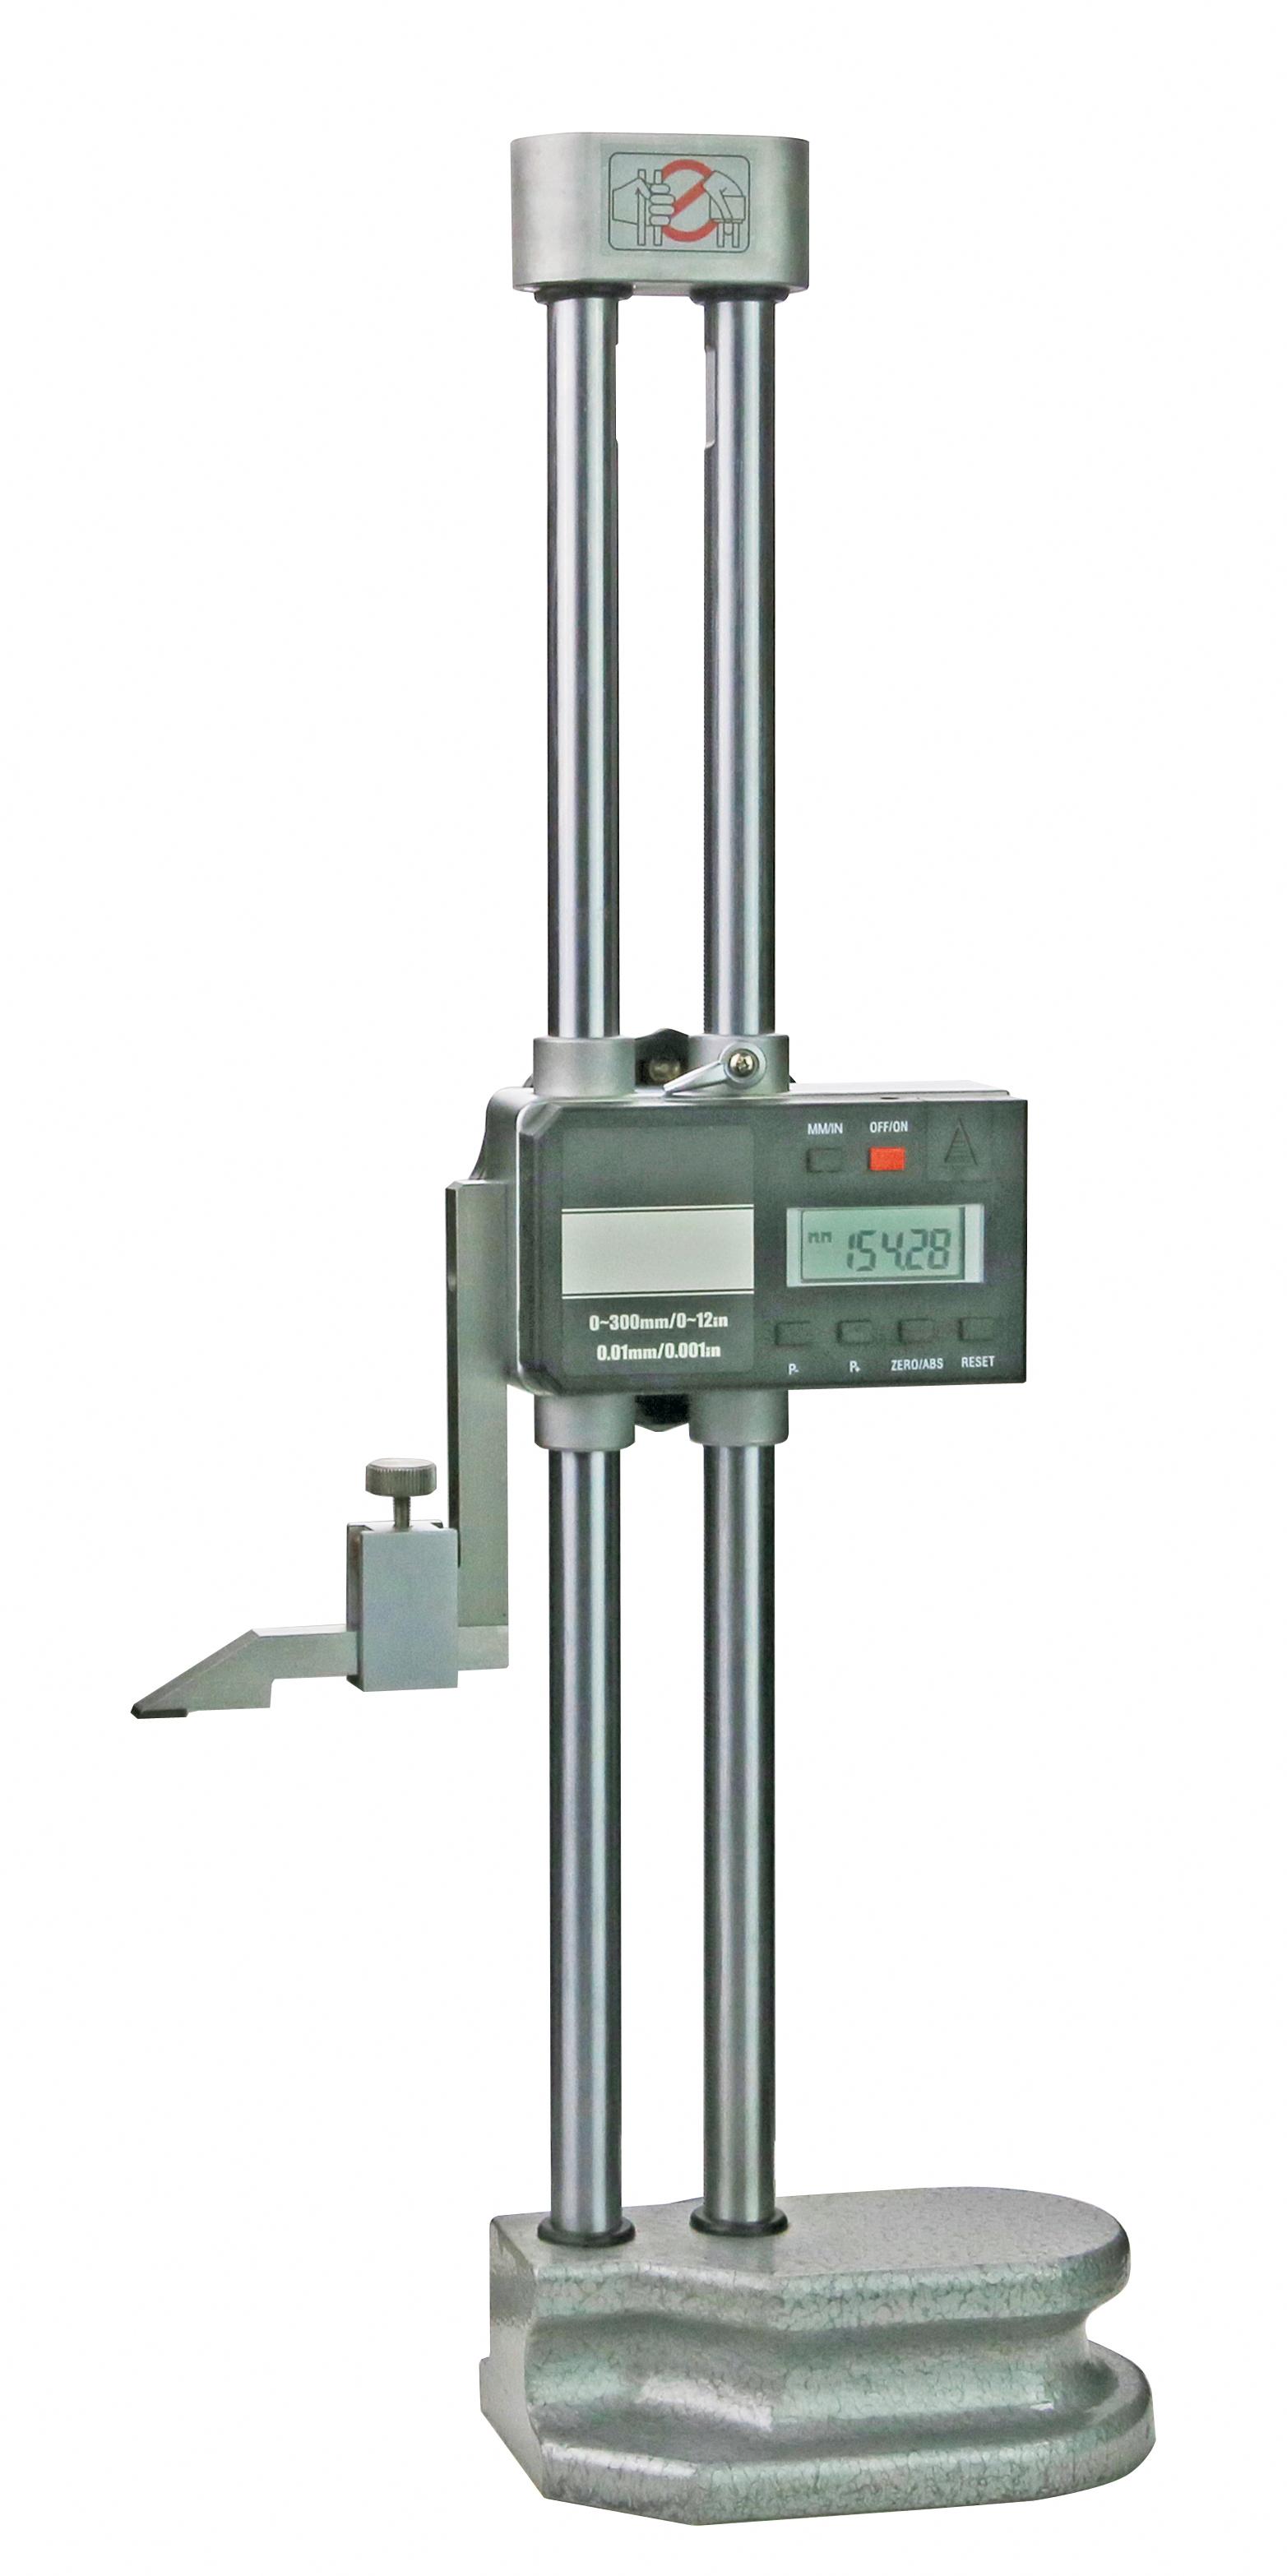 Digital-Höhenmess- und Anreißgerät - Doppelsäulen